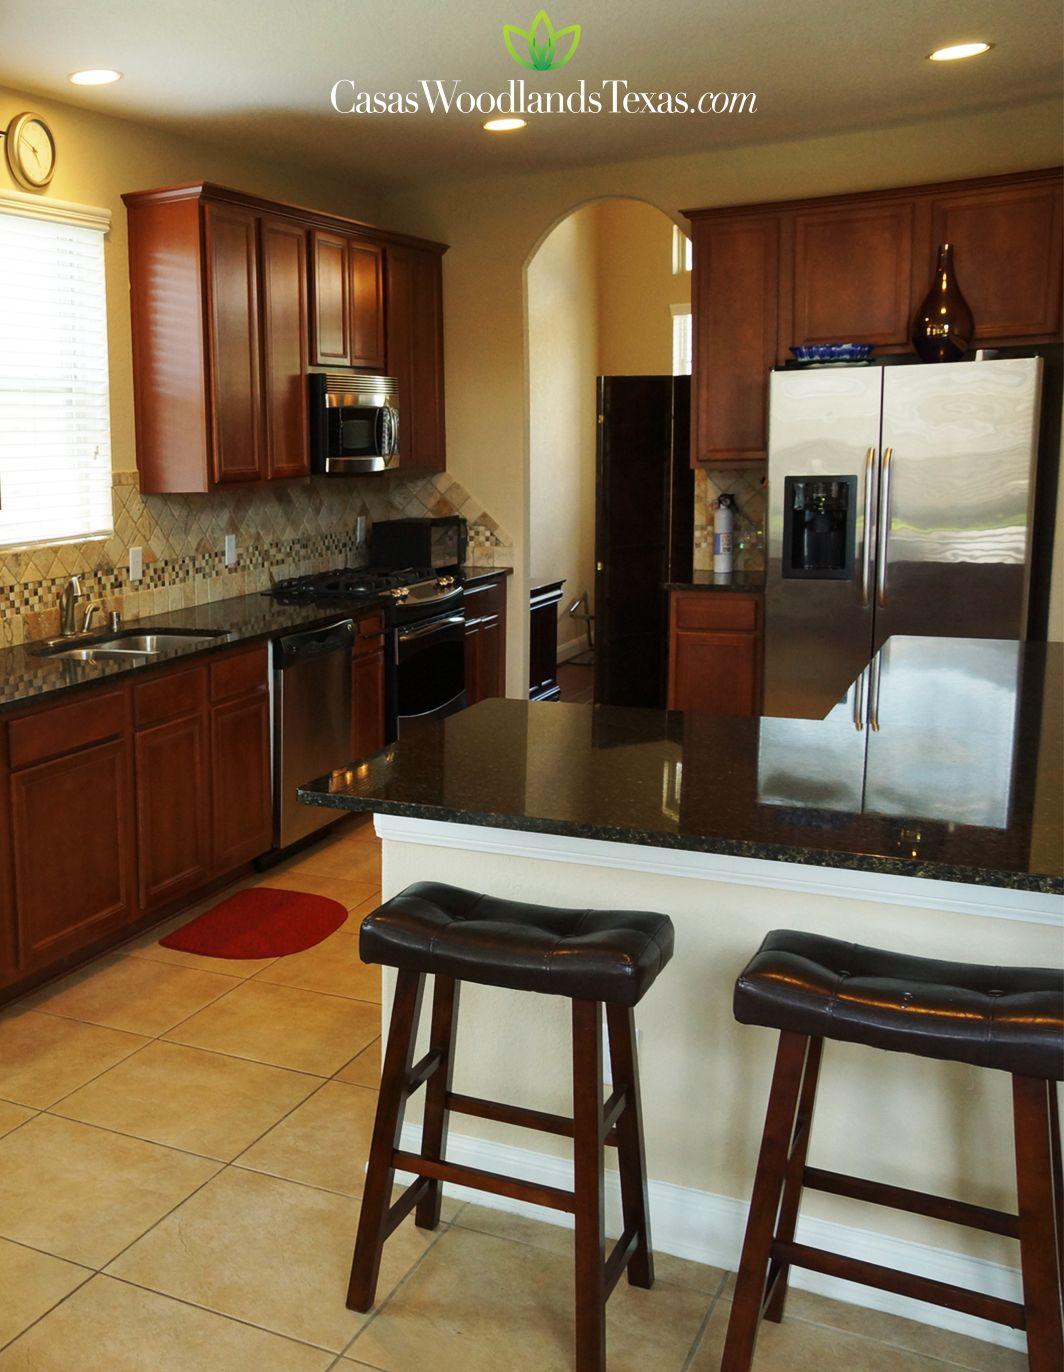 Amplia cocina con gabinetes de madera y piso de azulejo #Decoración ...